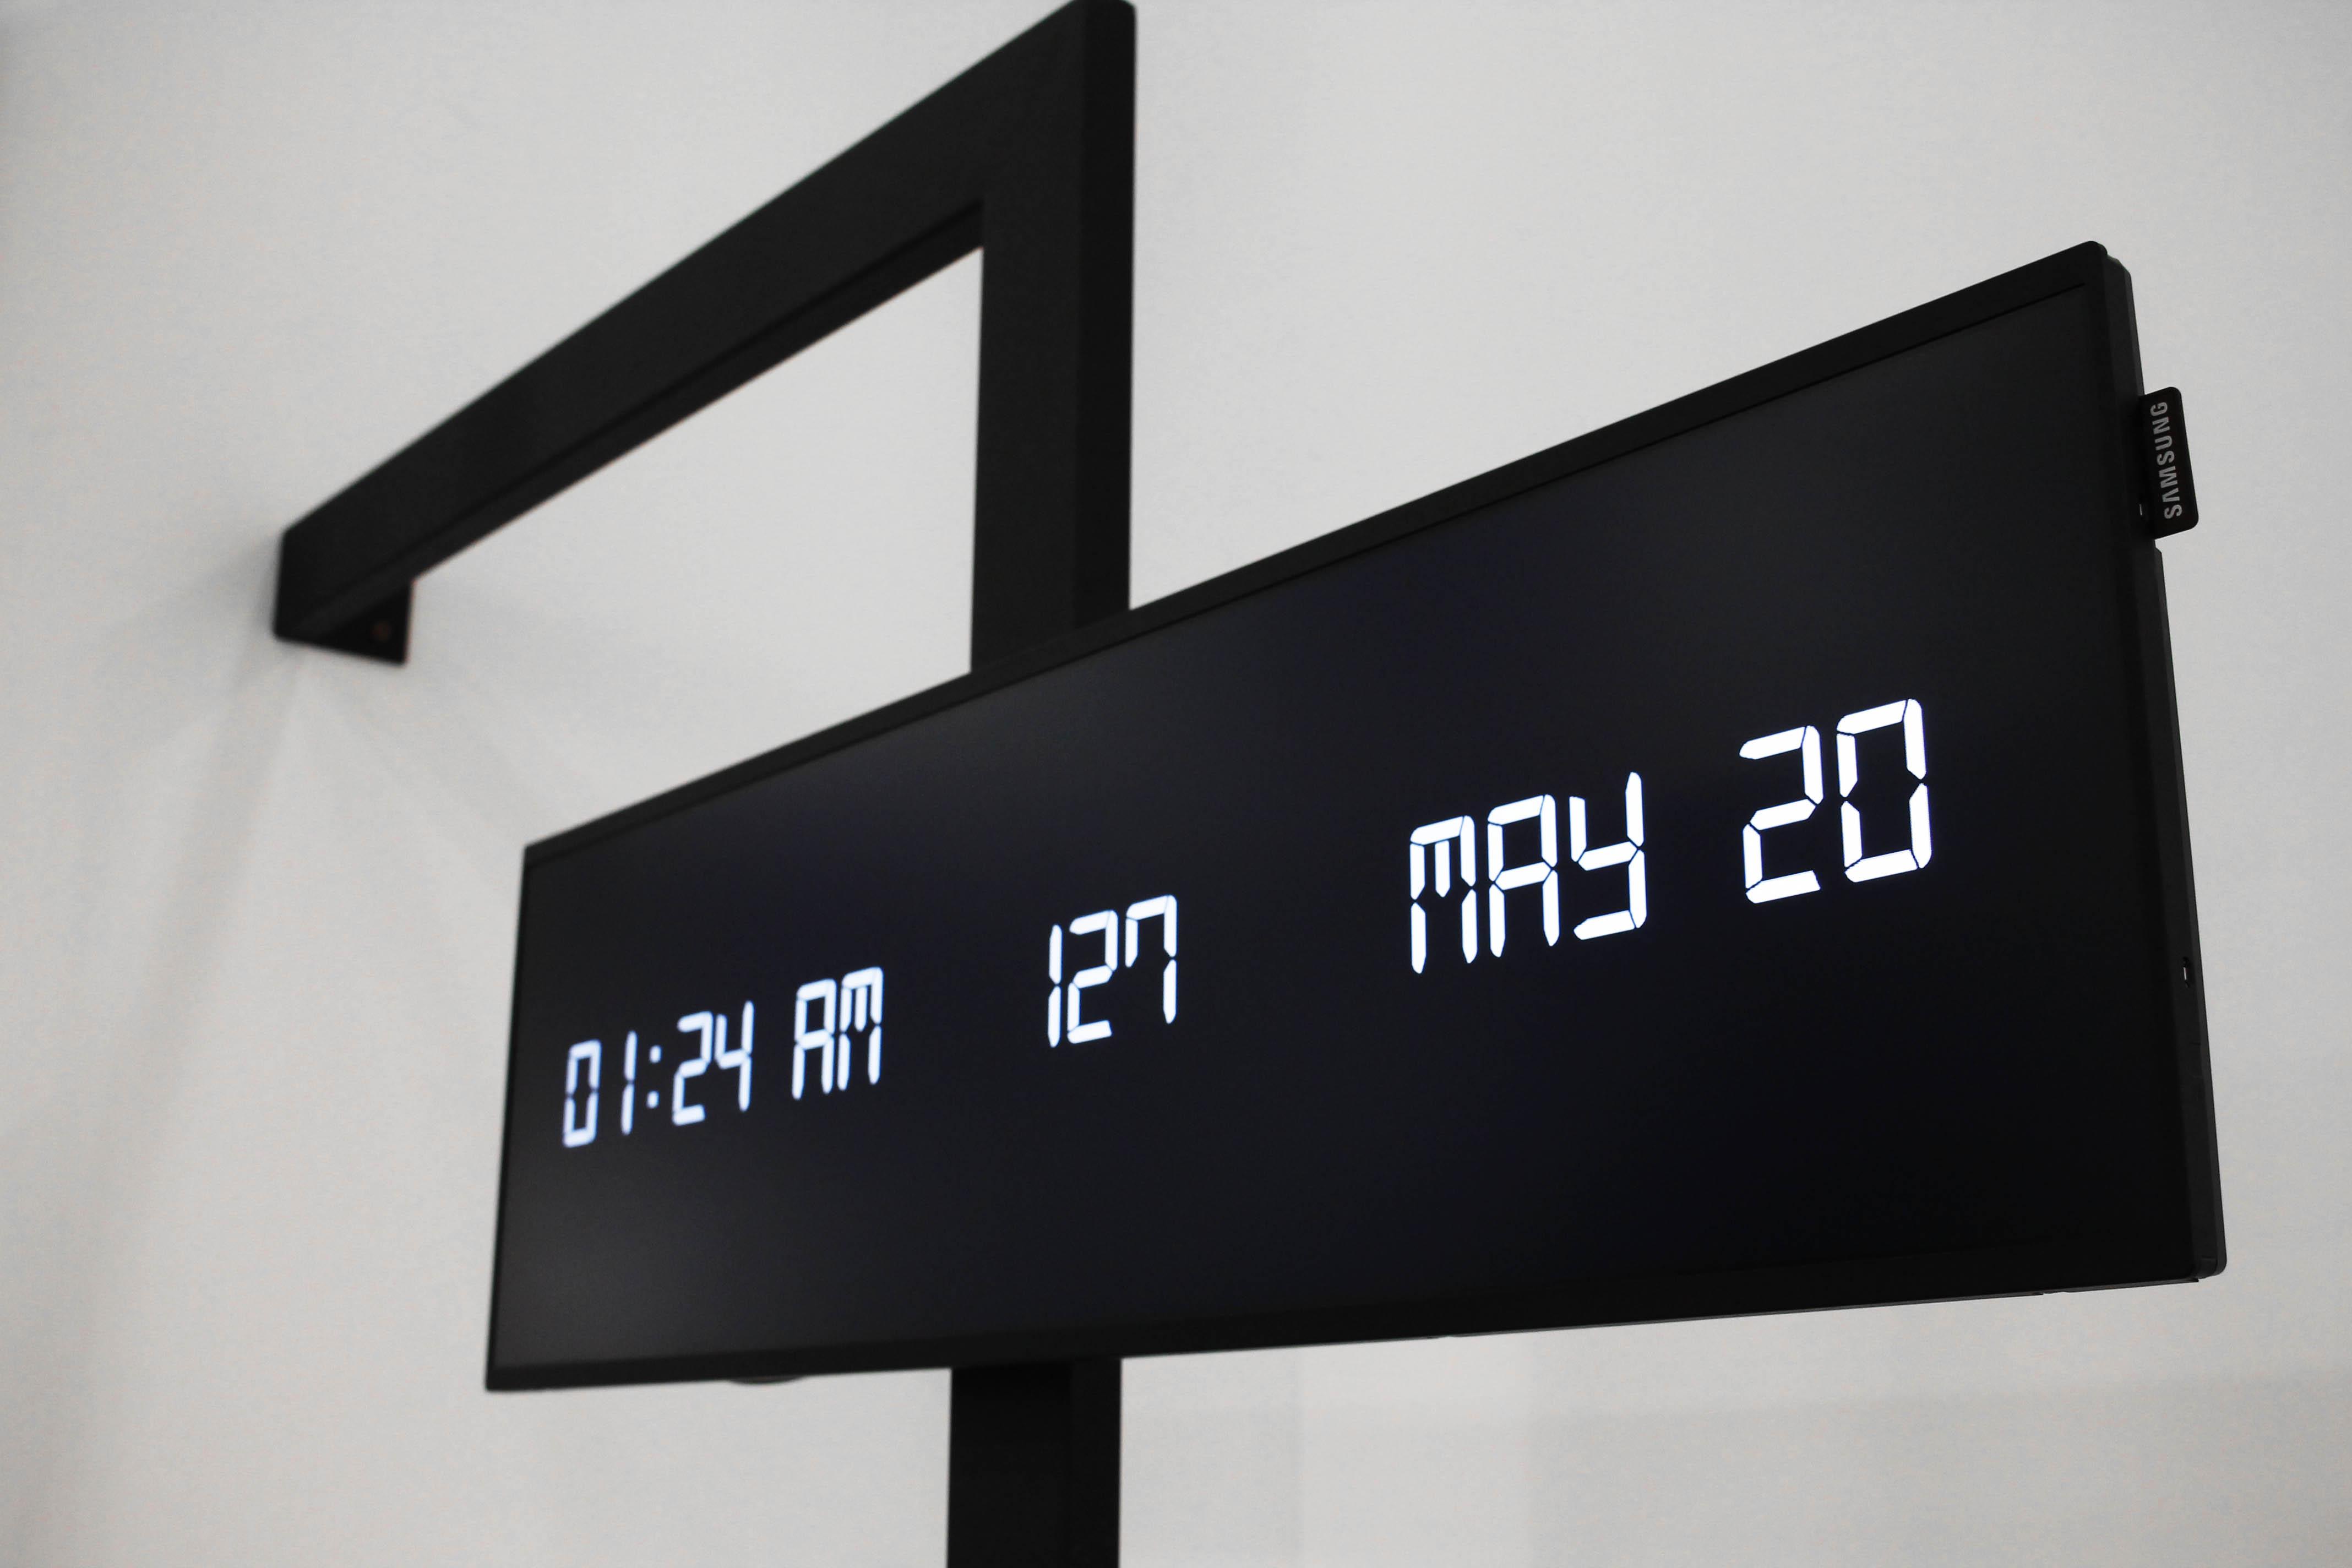 """Dettaglio 2016, 2017, monitor smart signage Samsung SH37F 37"""", cavo alimentazione, ferro zincato con verniciatura a polvere, 220 x 155 x 6,5 cm. ph. Elena Genco"""